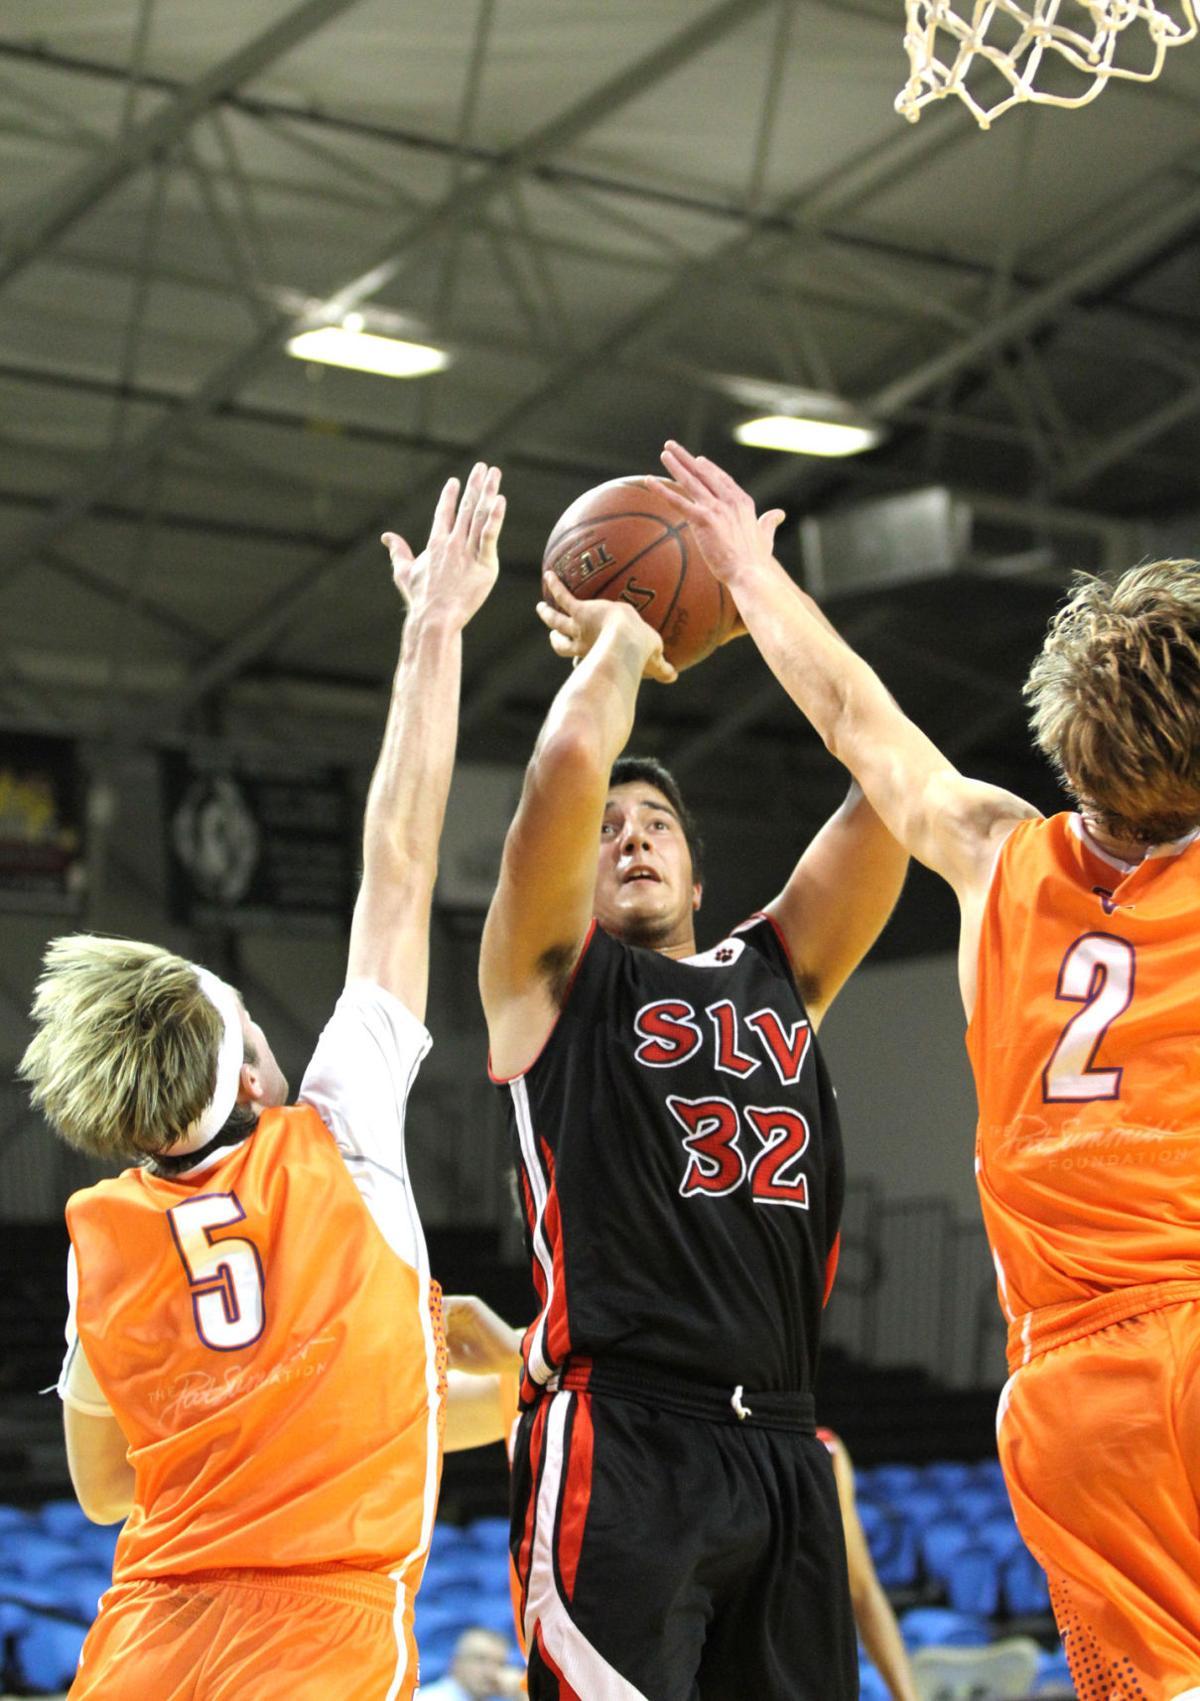 Boys Basketball Jan. 17: SLV 72, Scotts Valley 50